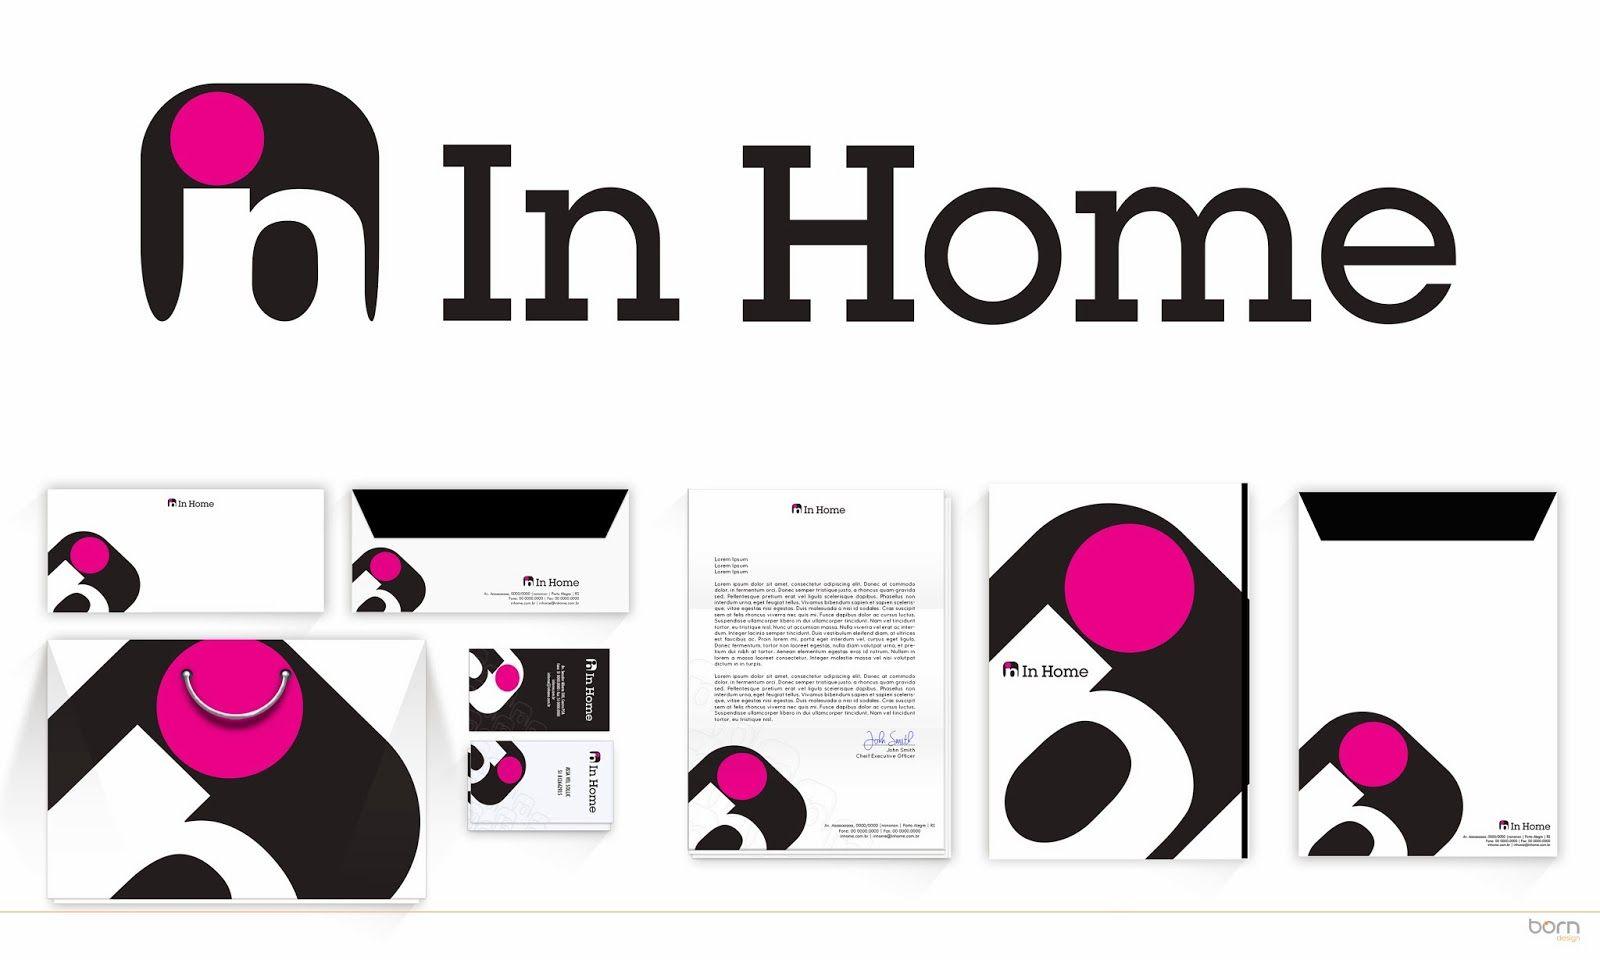 In Home E A Mais Nova Loja De Utensilios Domesticos Do Shopping Platinum Outlet Em Novo Hamburgo Rs Sua Programacao P Identidade Identidade Visual Tipografia